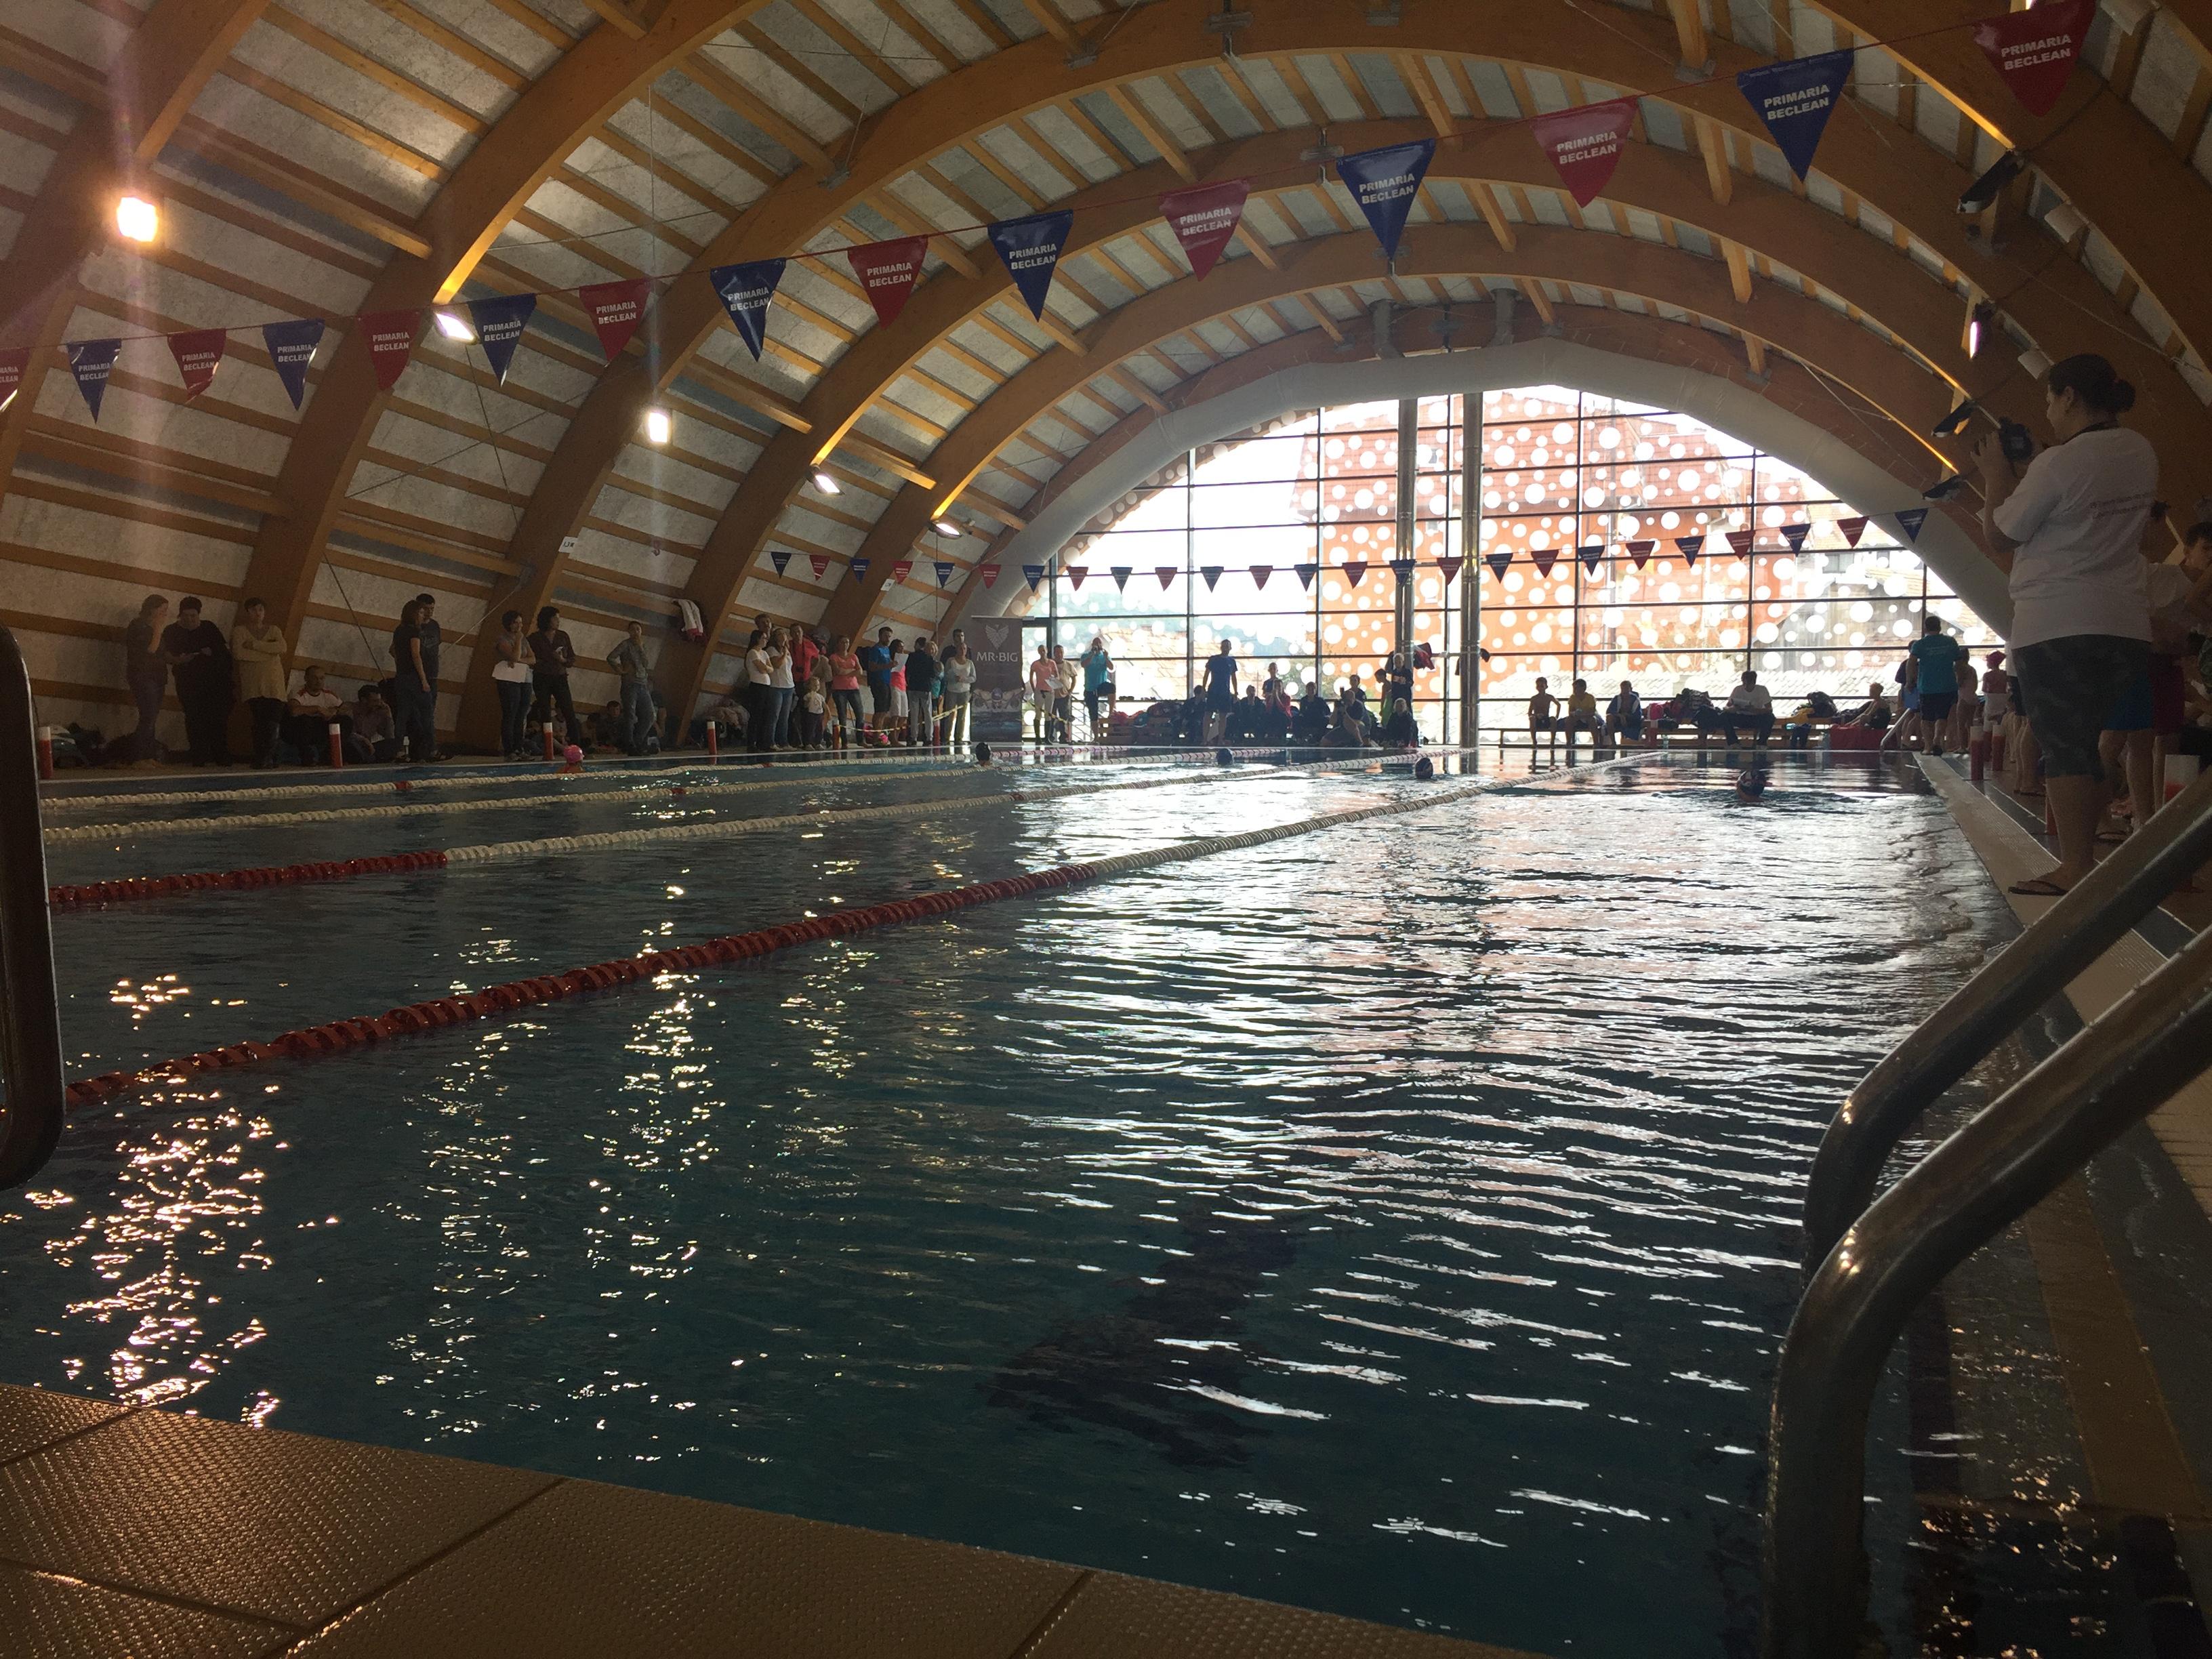 Cupa Someș la înot, la cea de-a doua ediție! Aproape 200 de sportivi din toată țara s-au întrecut la Bazinul didactic de înot din Beclean – FOTO